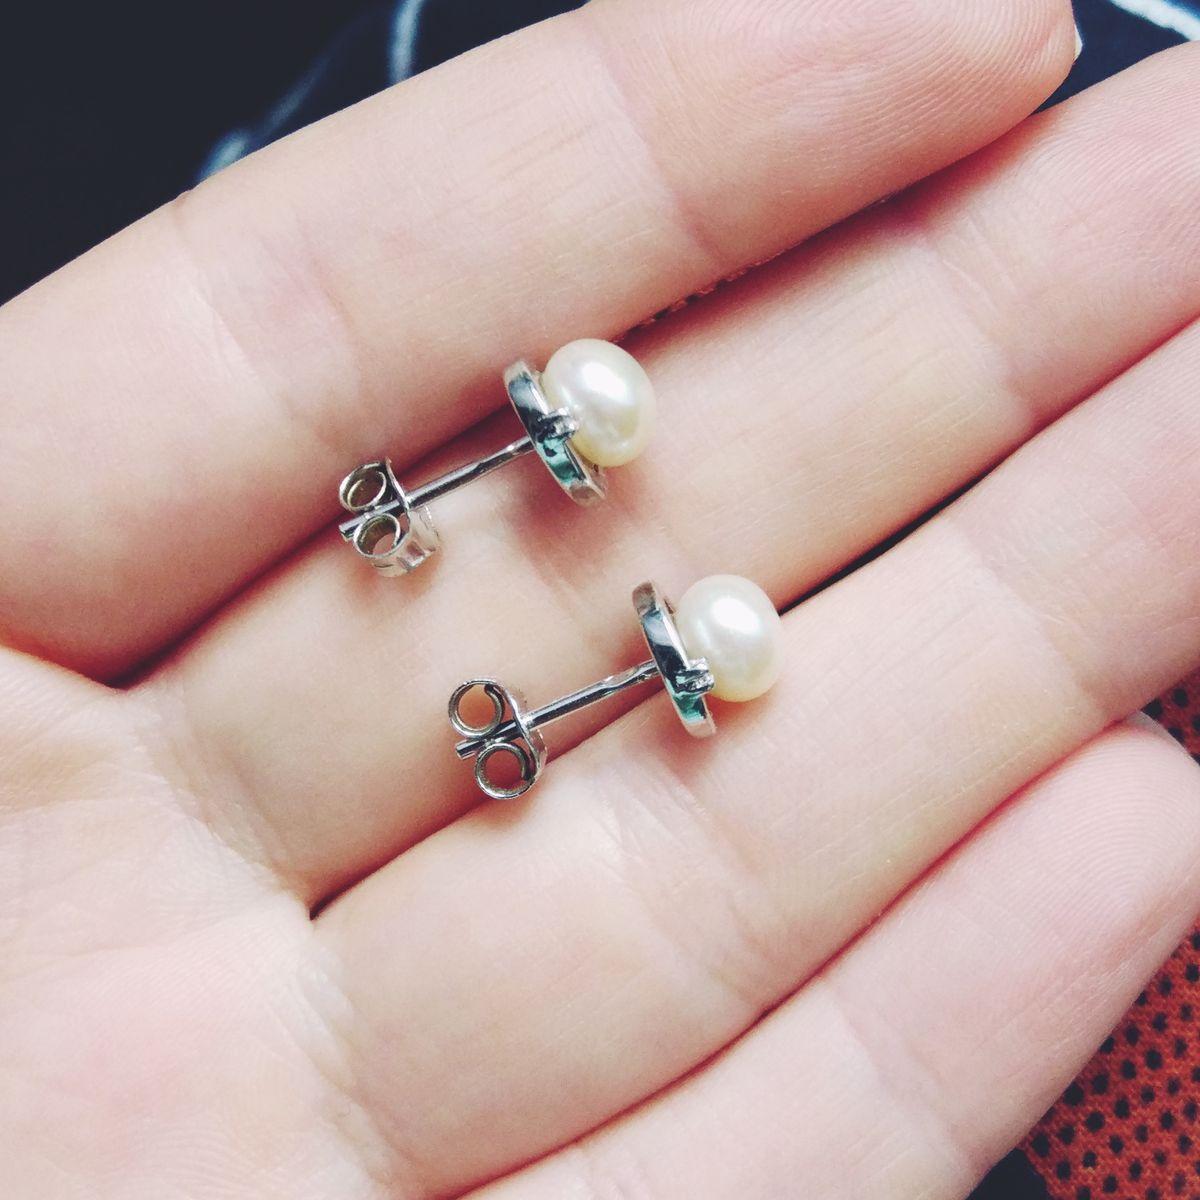 Лаконичные серьги с жемчужиной и маленьким камушком💟